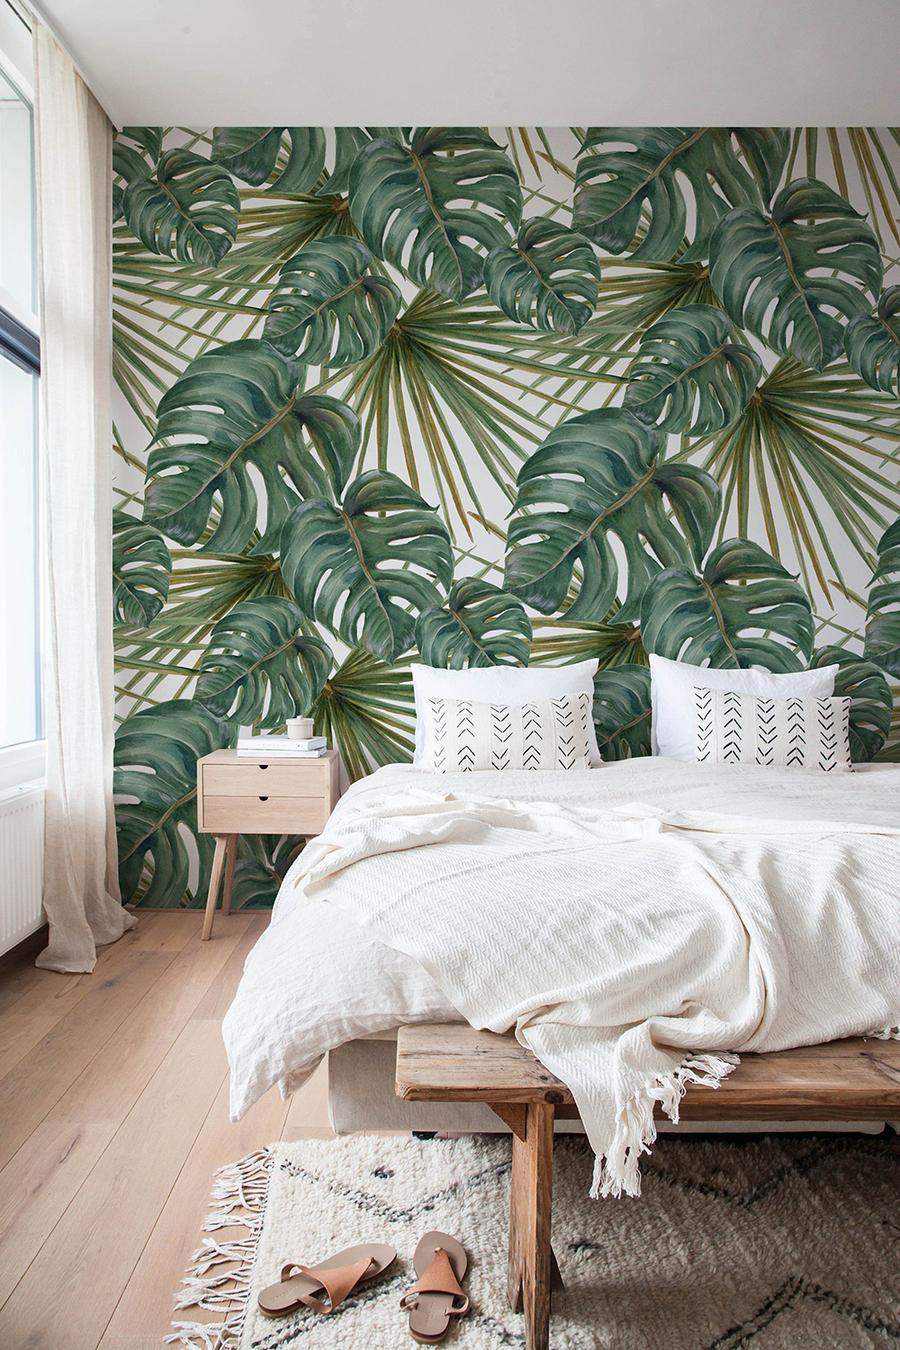 Un dormitorio con una pared decorada con papel mural de grandes hojas, estilo tropical.